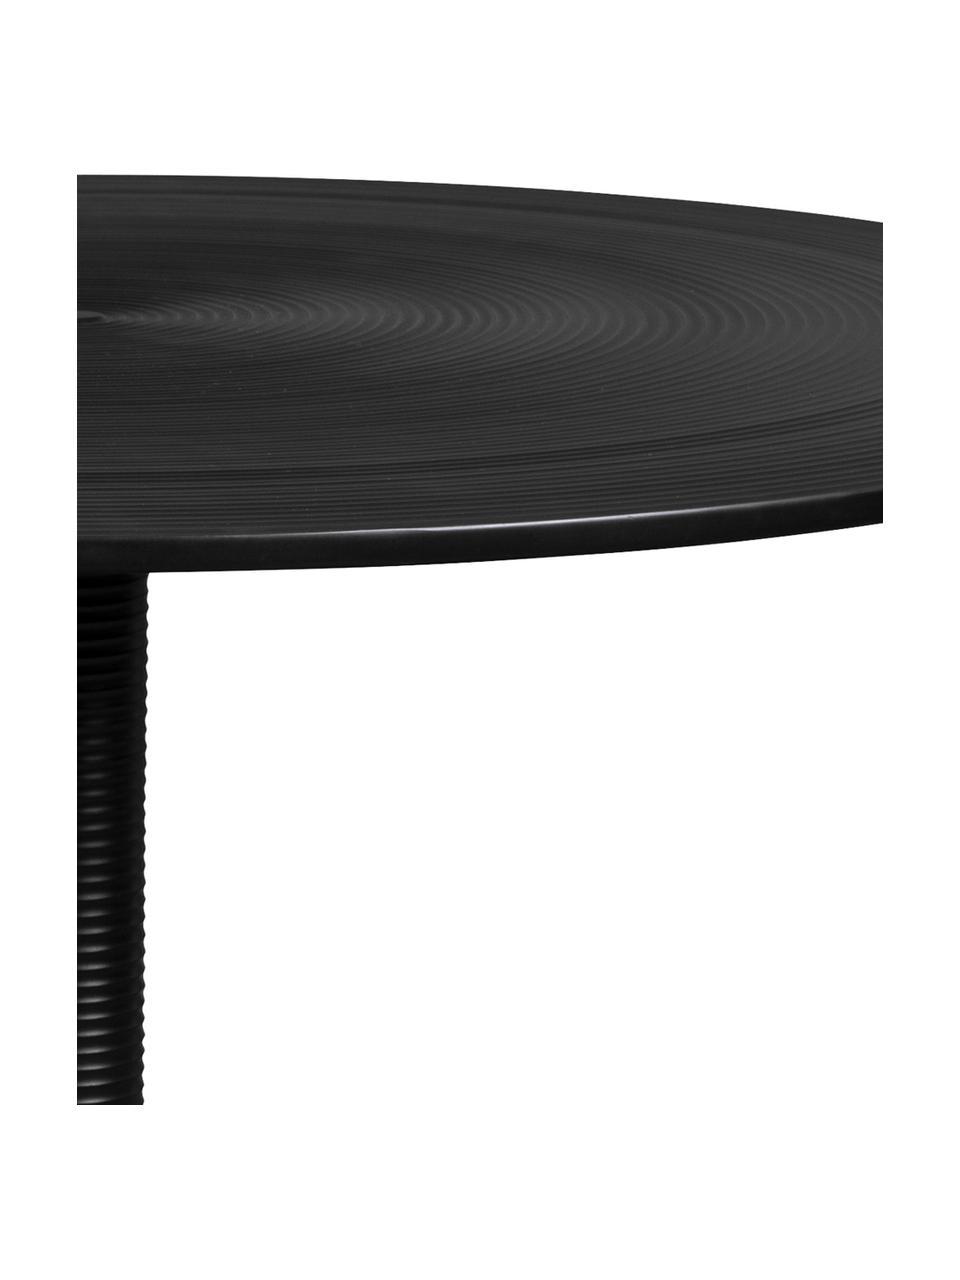 Runder Esstisch Hypnotising in Schwarz, Aluminium, lackiert, Schwarz, Ø 92 x H 76 cm